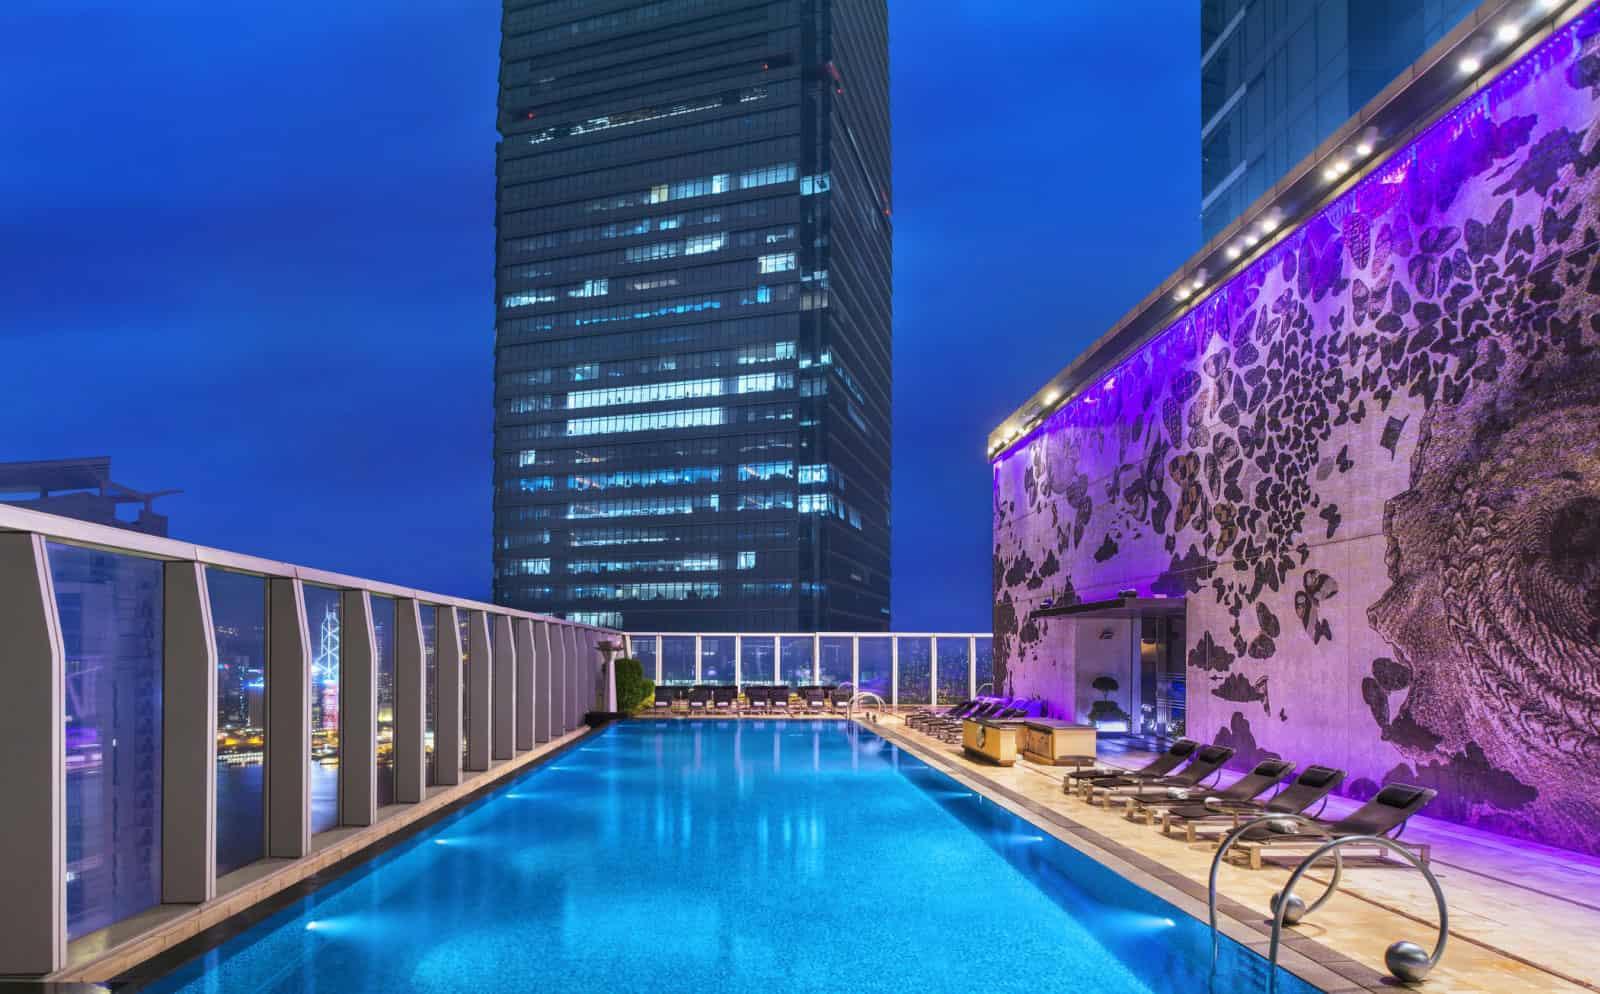 The Ren Room Shangri La Hotel